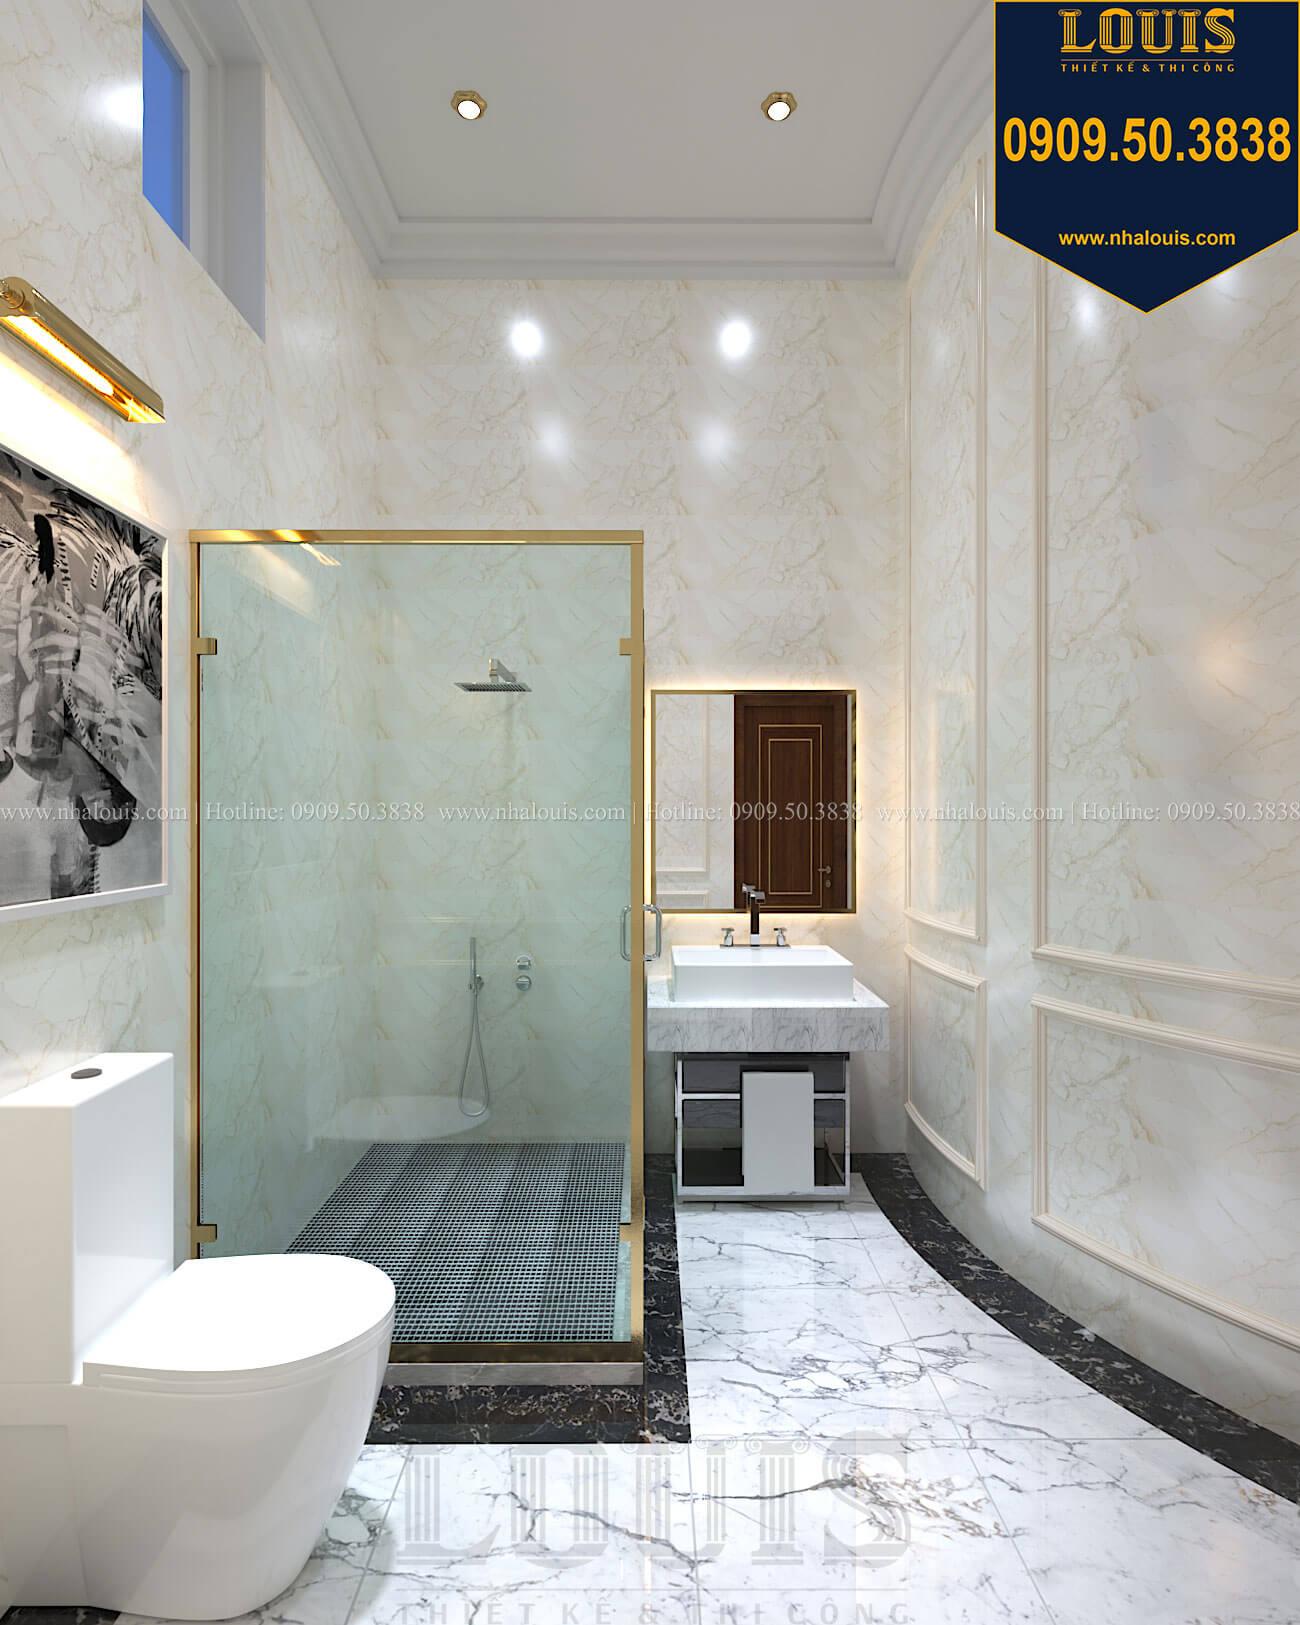 phòng tắm và WC Thiết kế biệt thự cổ điển 2 tầng nguy nga và đẳng cấp tại Tây Ninh - 34